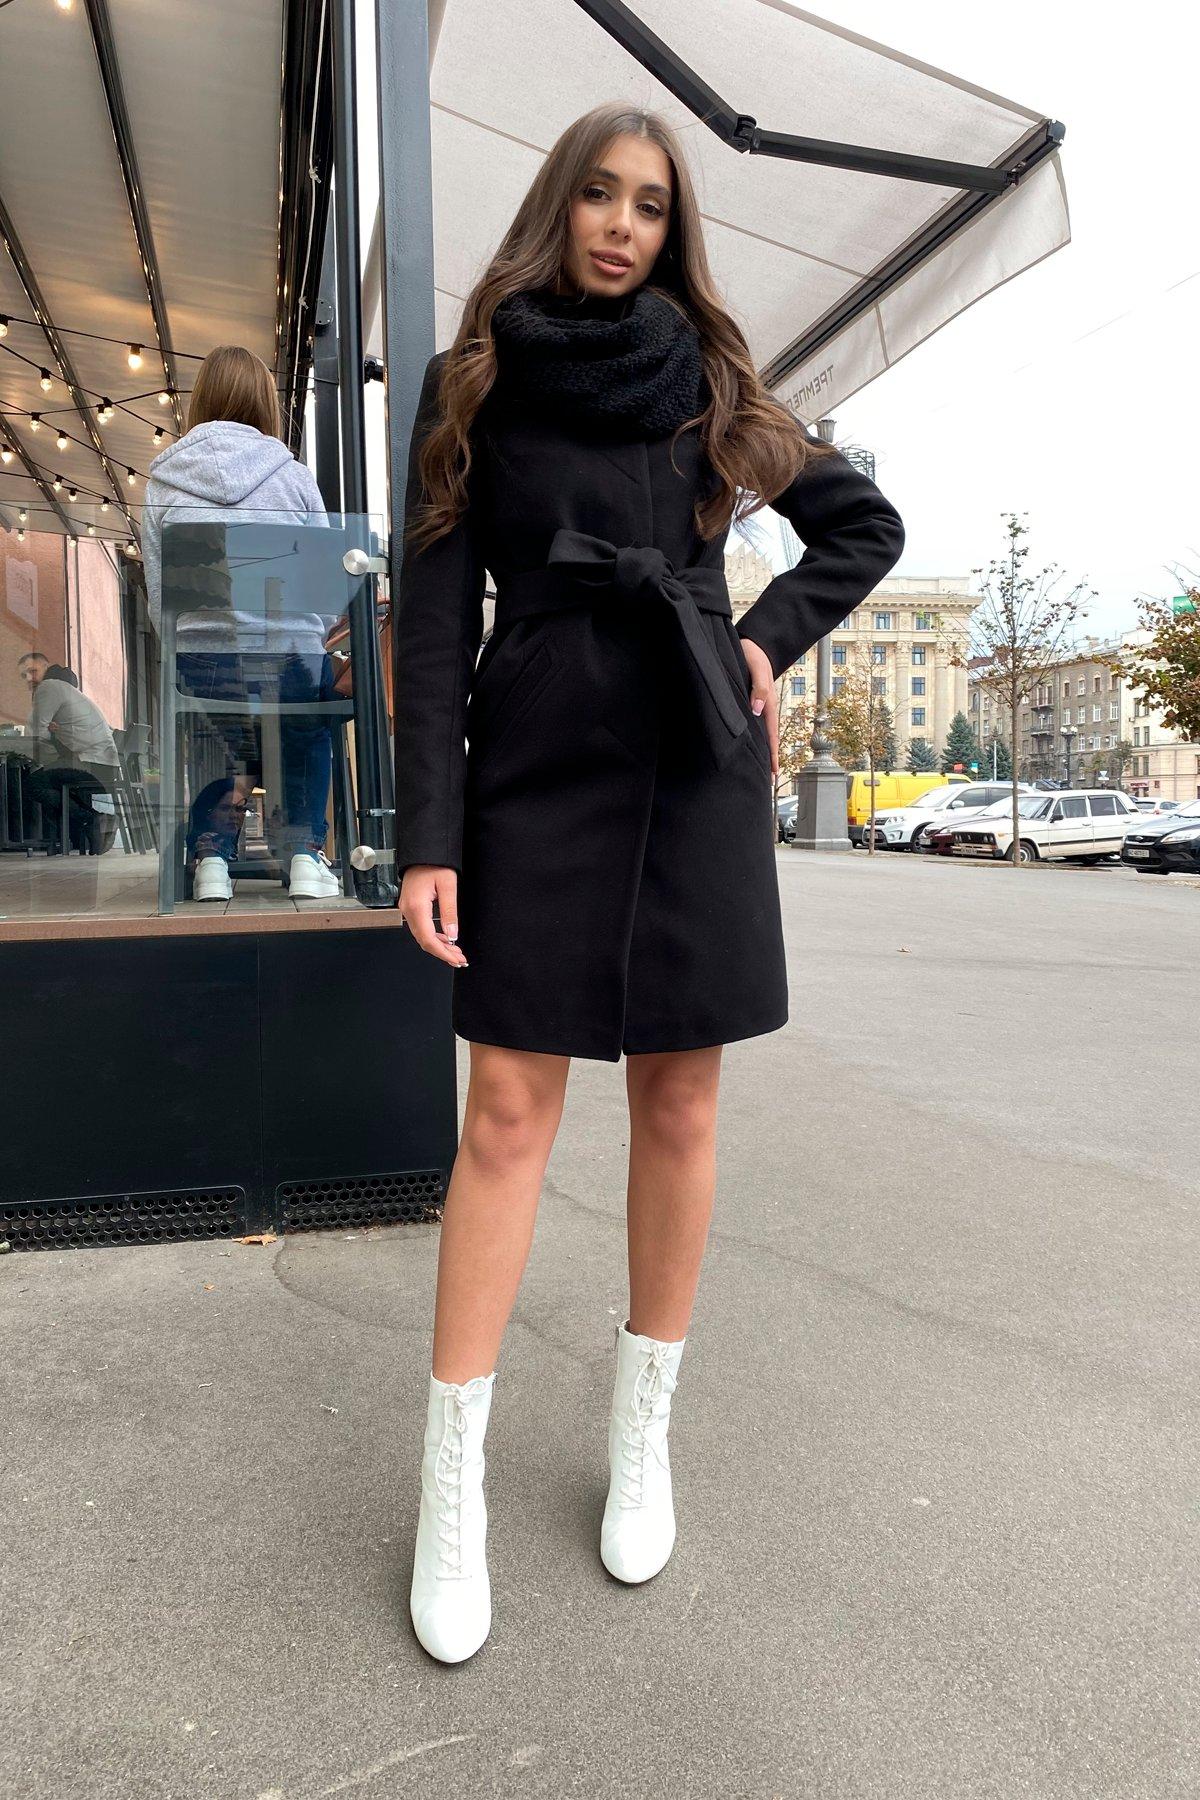 Пальто зима с хомутом Люцея 8211 АРТ. 44225 Цвет: Черный Н-1 - фото 4, интернет магазин tm-modus.ru